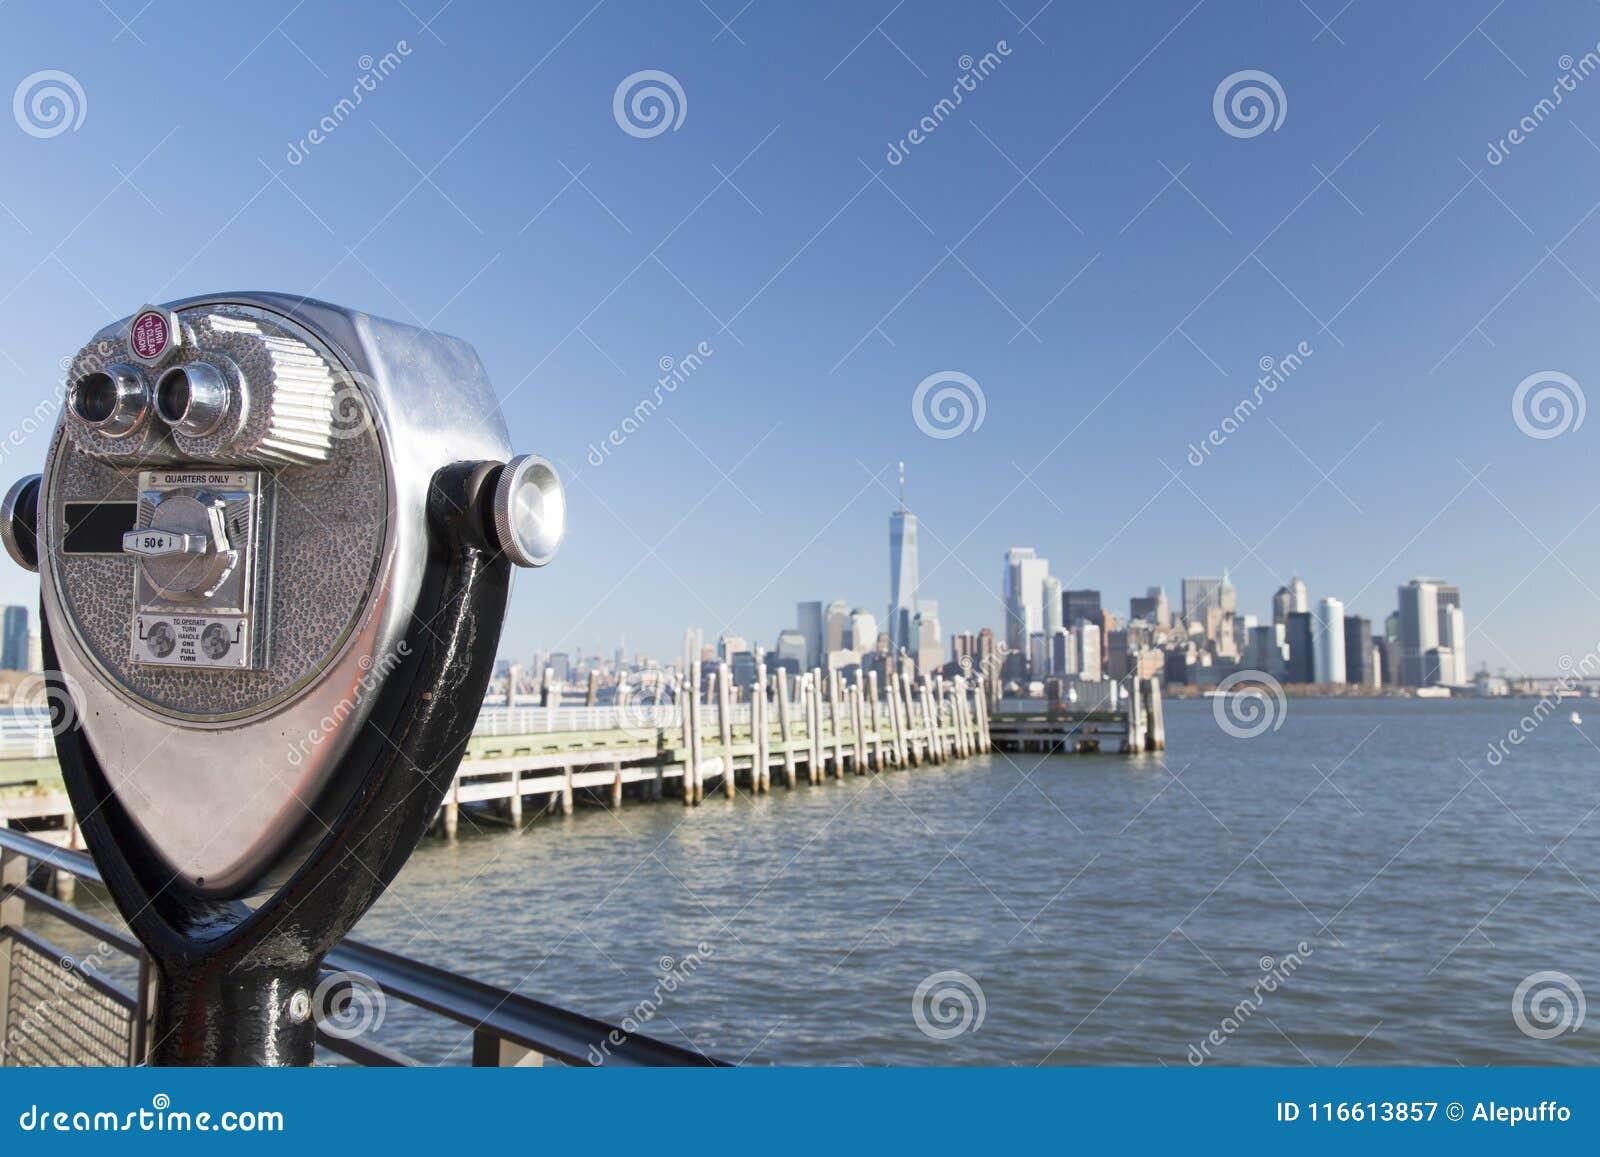 Νέα Υόρκη, ορίζοντας του Λόουερ Μανχάταν